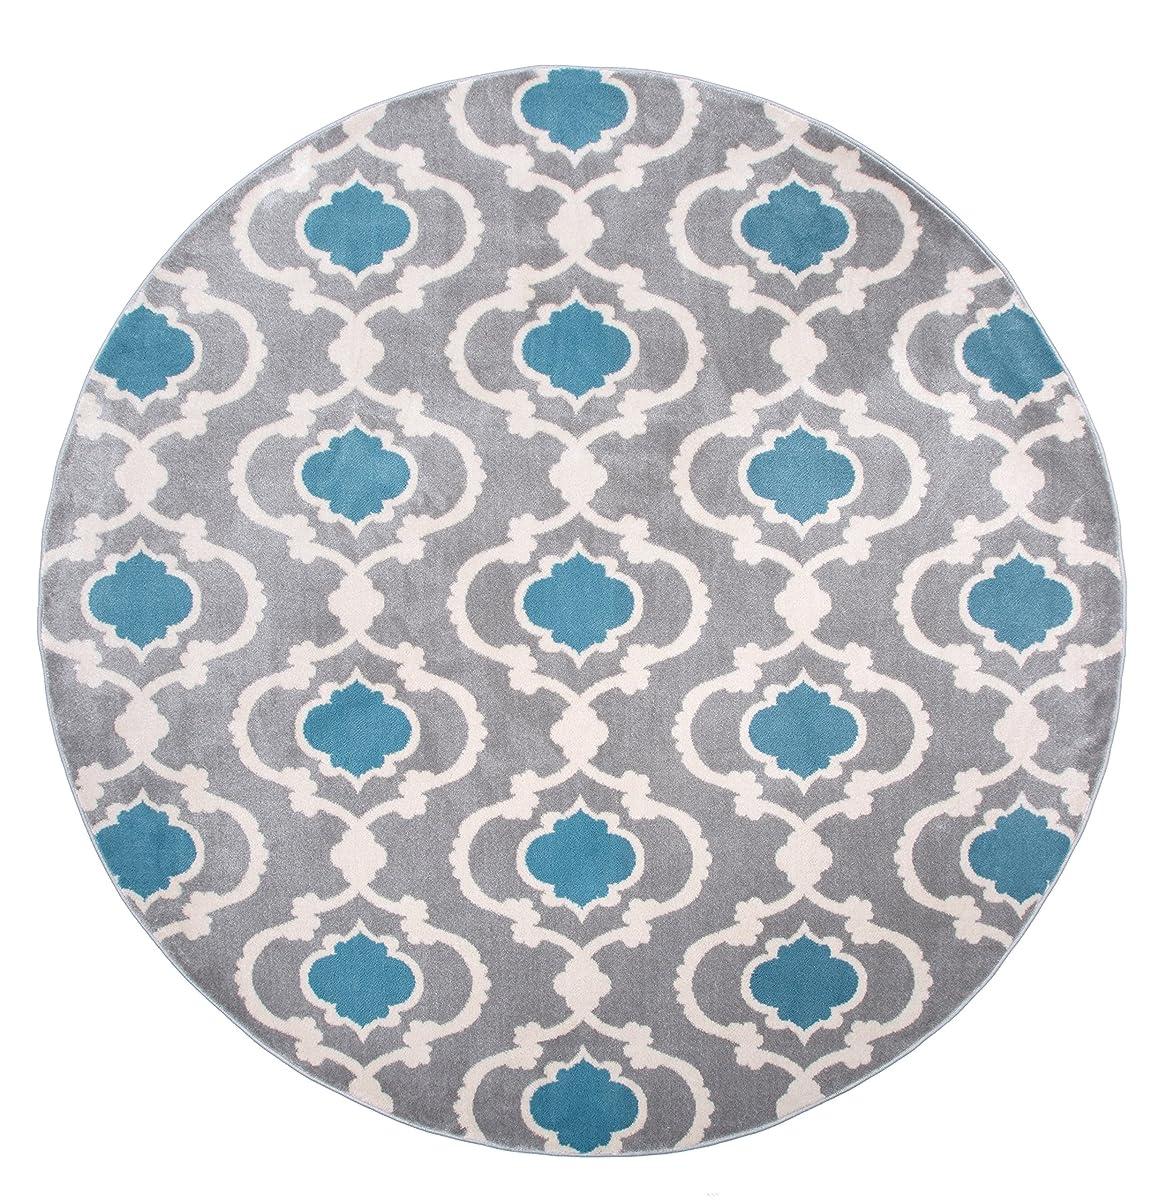 """Rugshop Moroccan Trellis Contemporary Indoor Round Area Rug, 6 6"""" Diameter, Gray/Blue"""